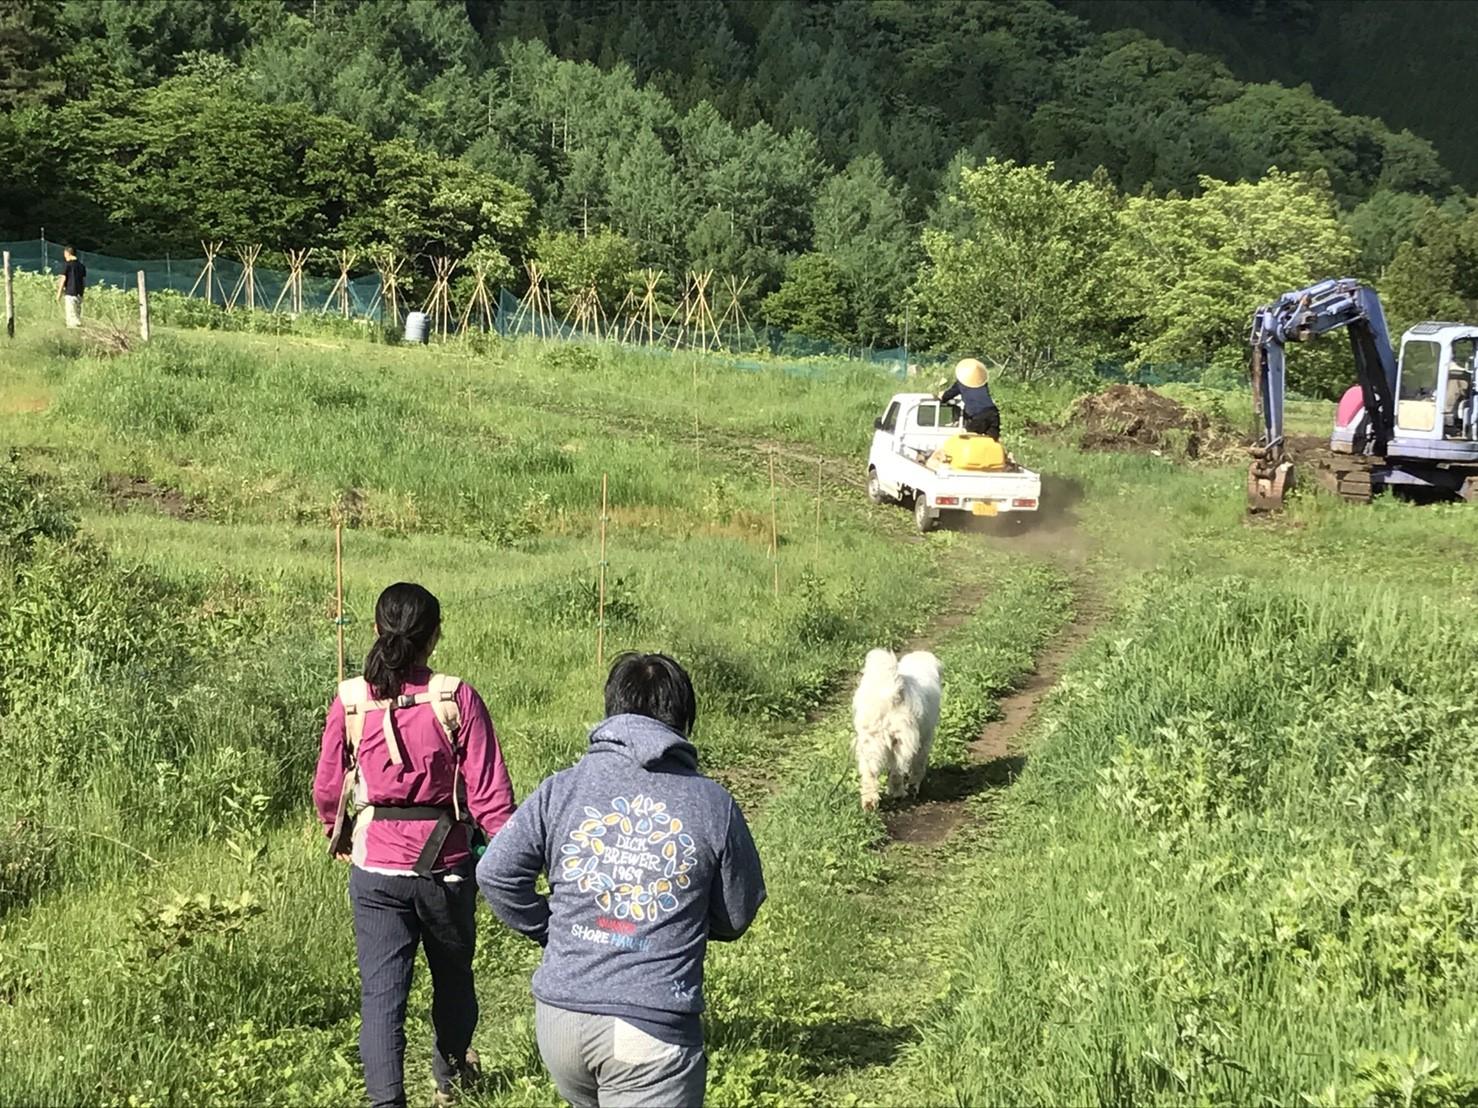 9245a9ecf6f426c6e2fc1a78d611f423 - DASHA村の様なプロジェクト(群馬県神流町農場)